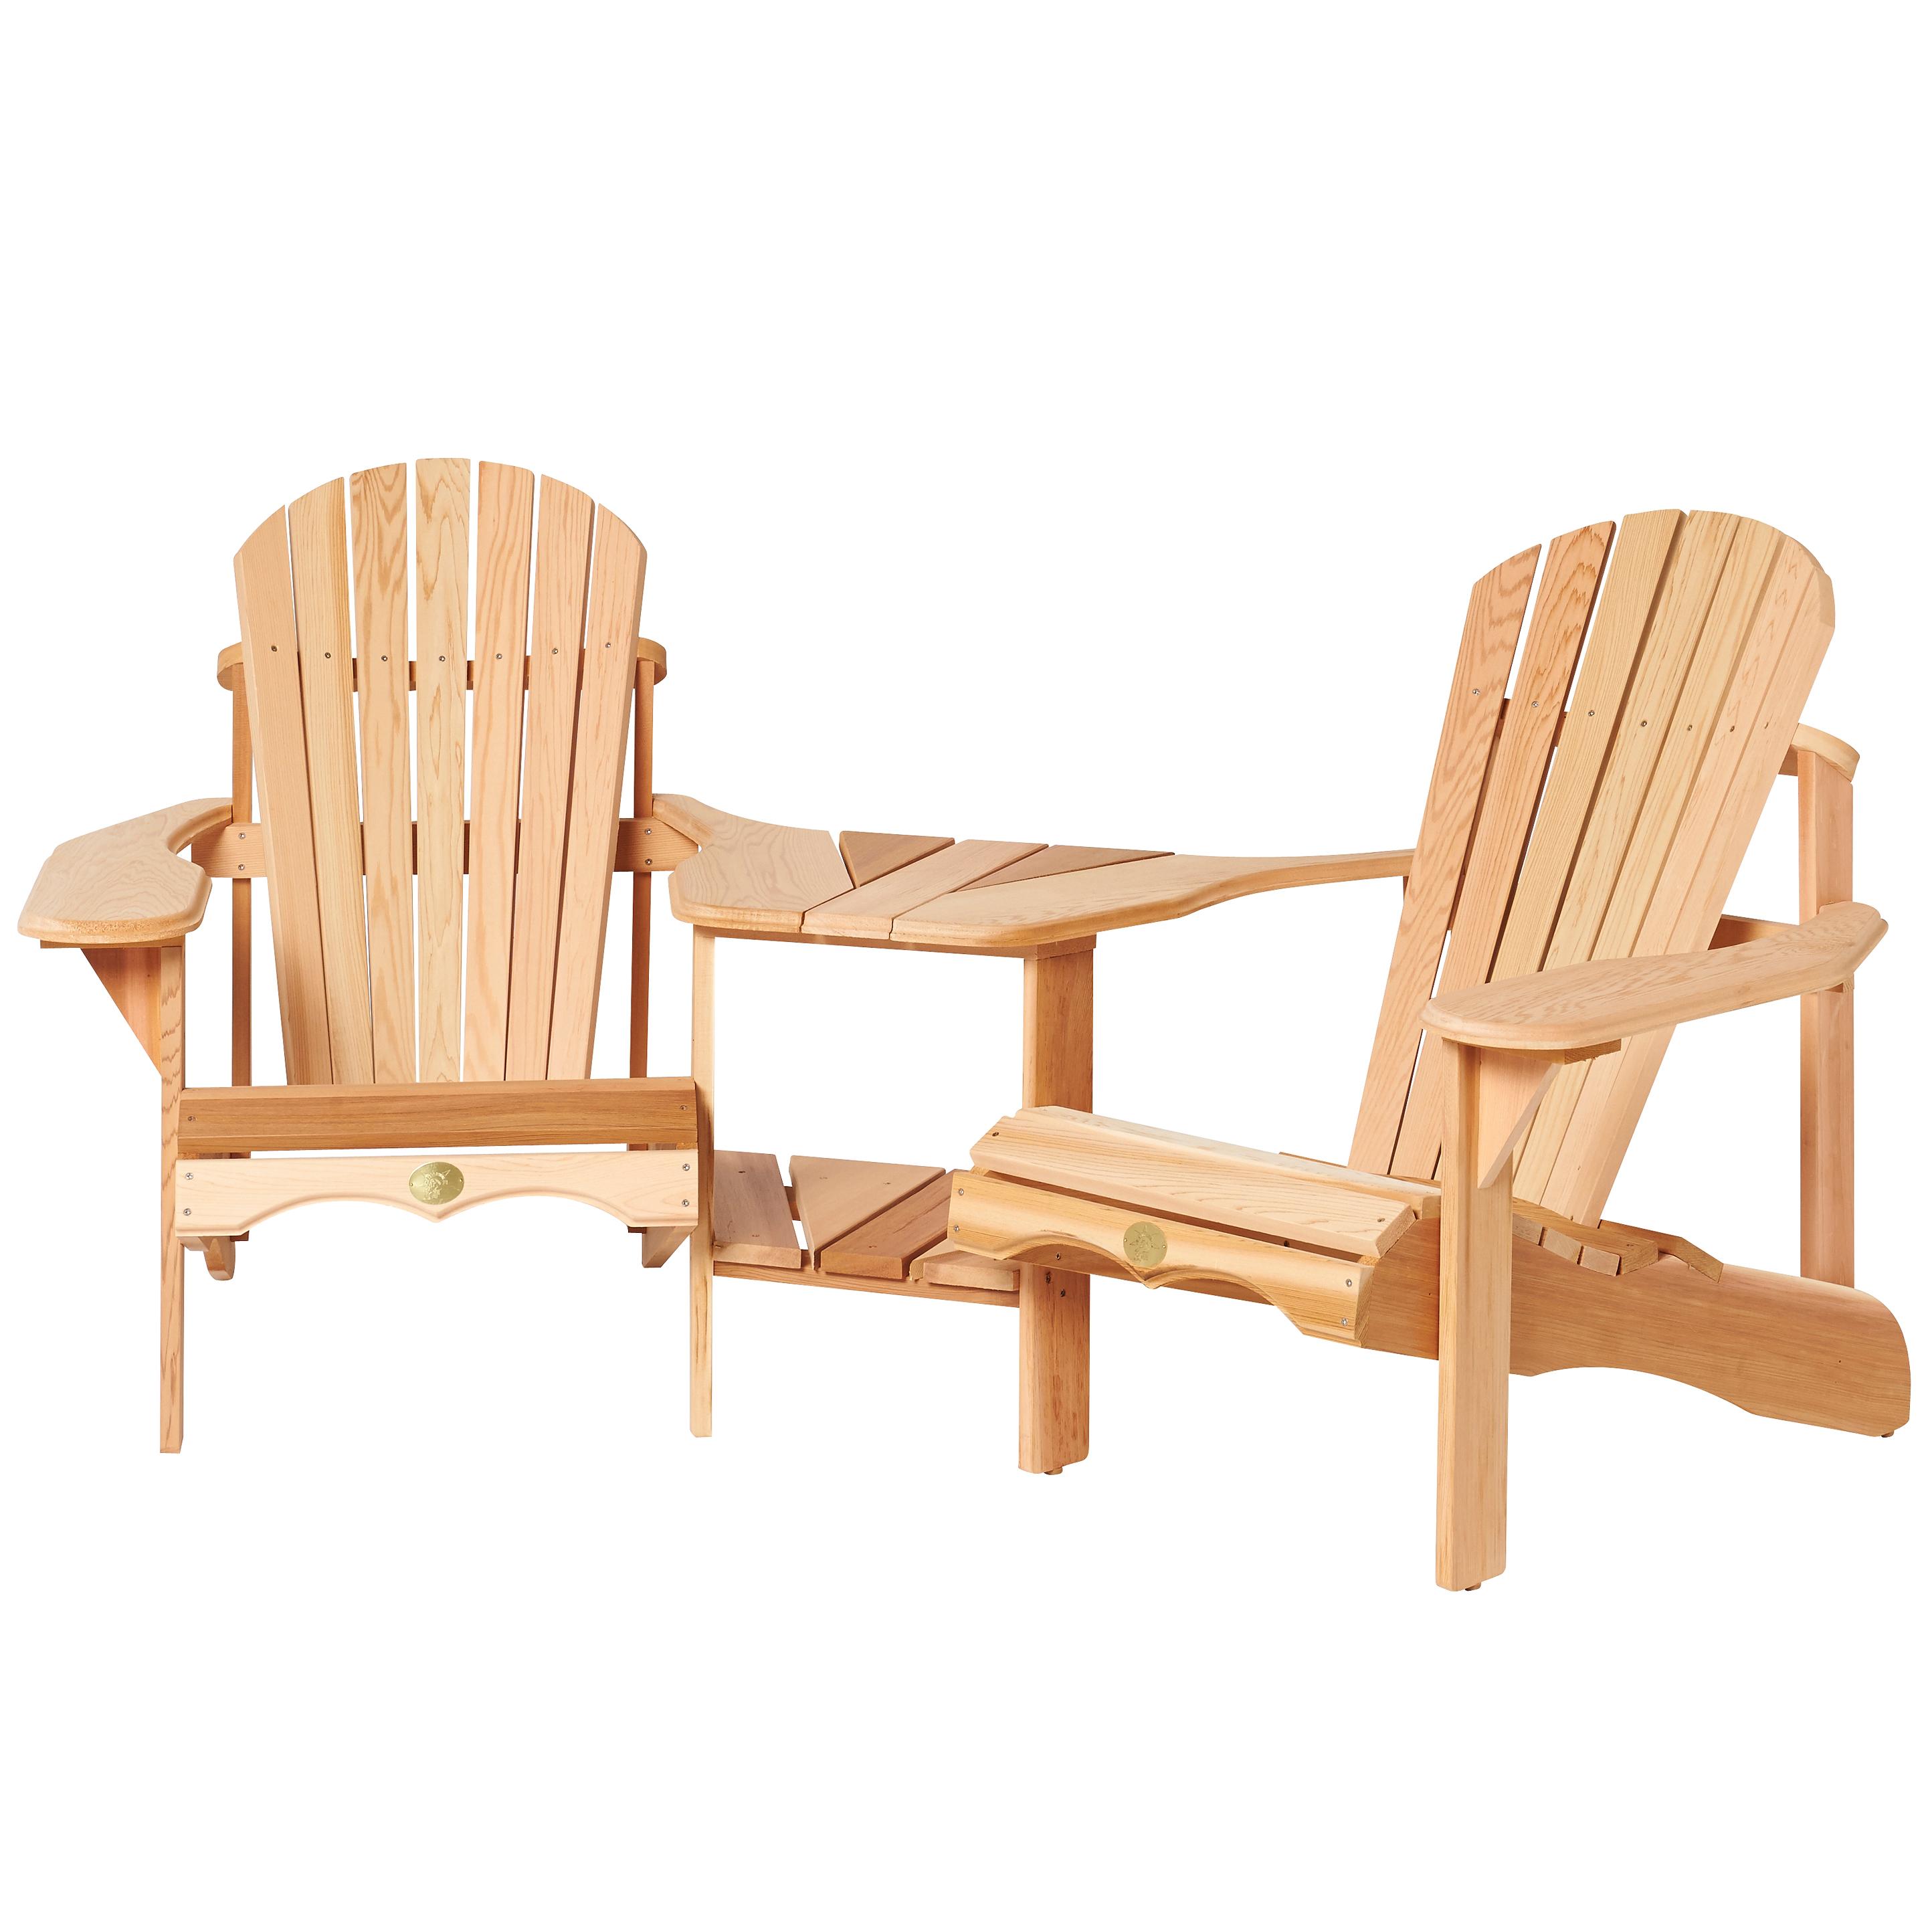 Bear Chair Tête à Päärchen Sitz Bc950c Angewinkelt